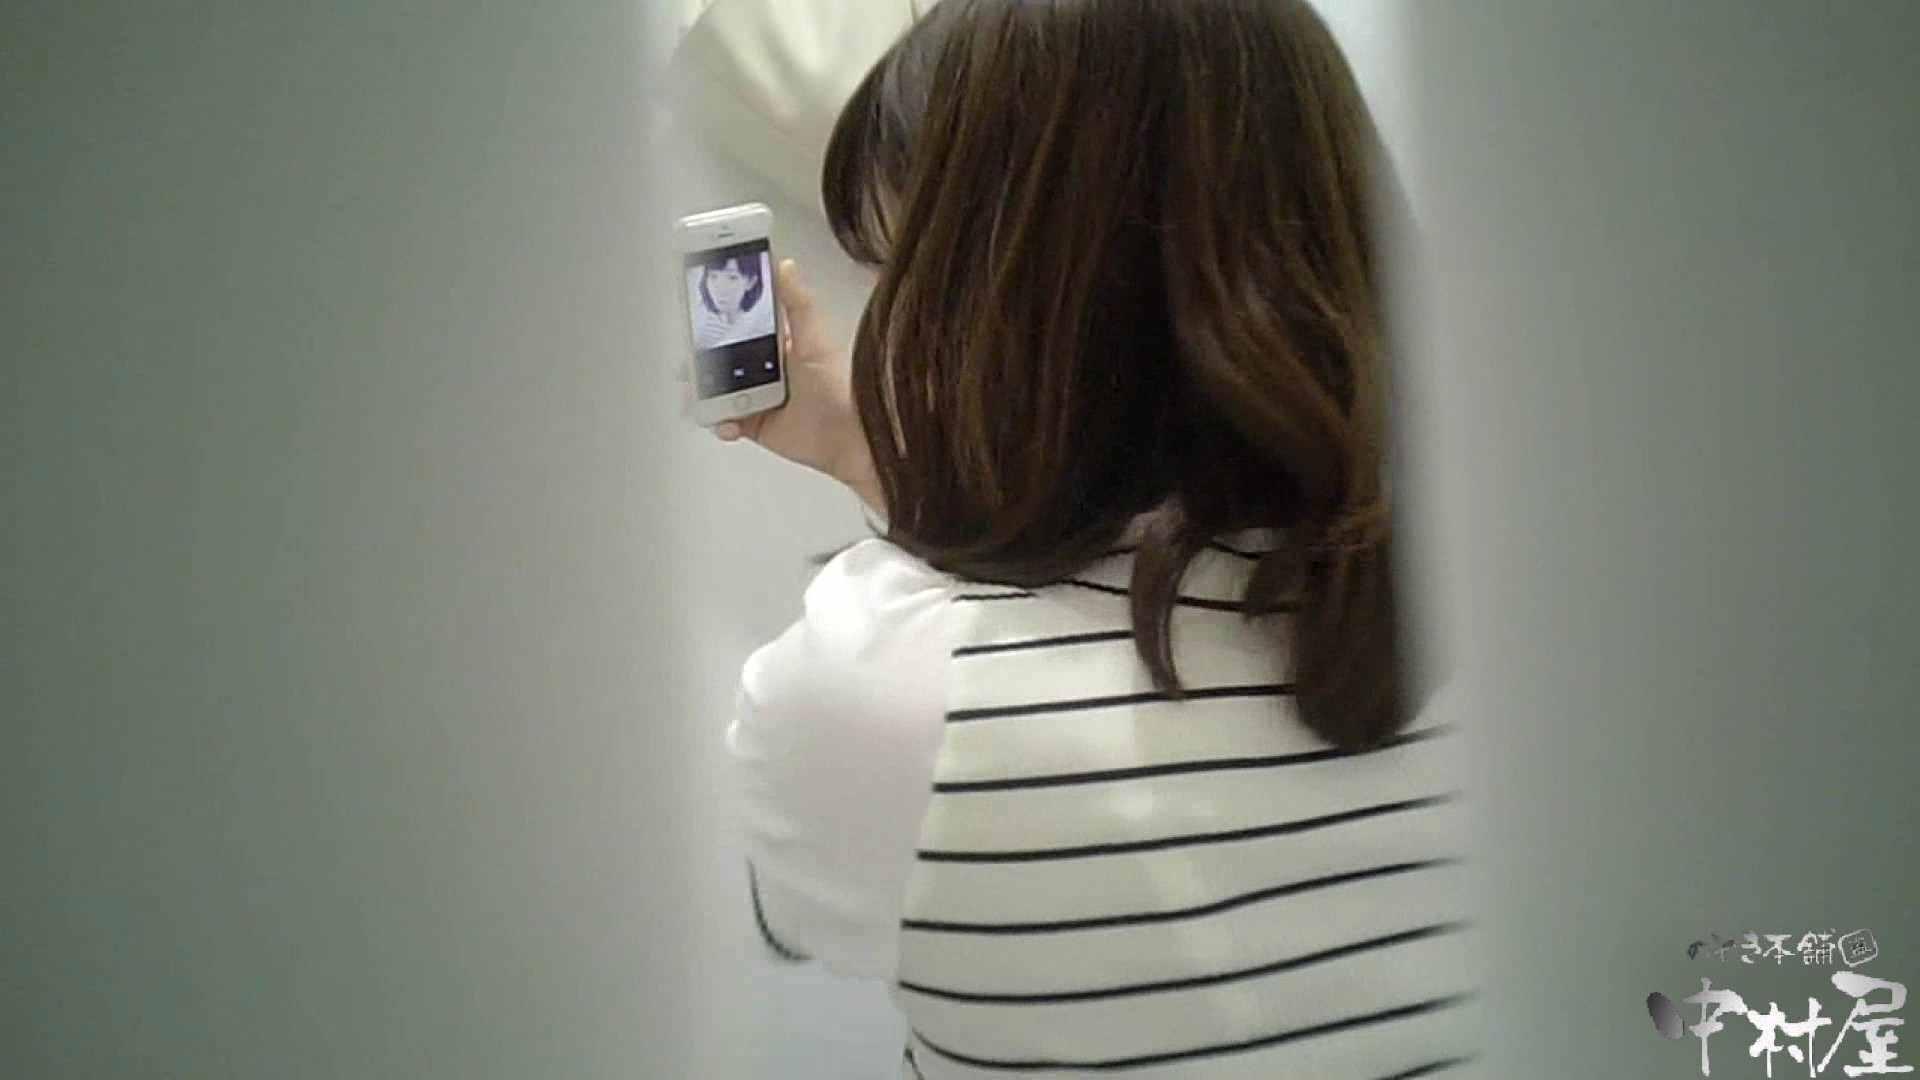 【某有名大学女性洗面所】有名大学女性洗面所 vol.37 ついでにアンダーヘアーの状態確認ですね。 潜入  60連発 10